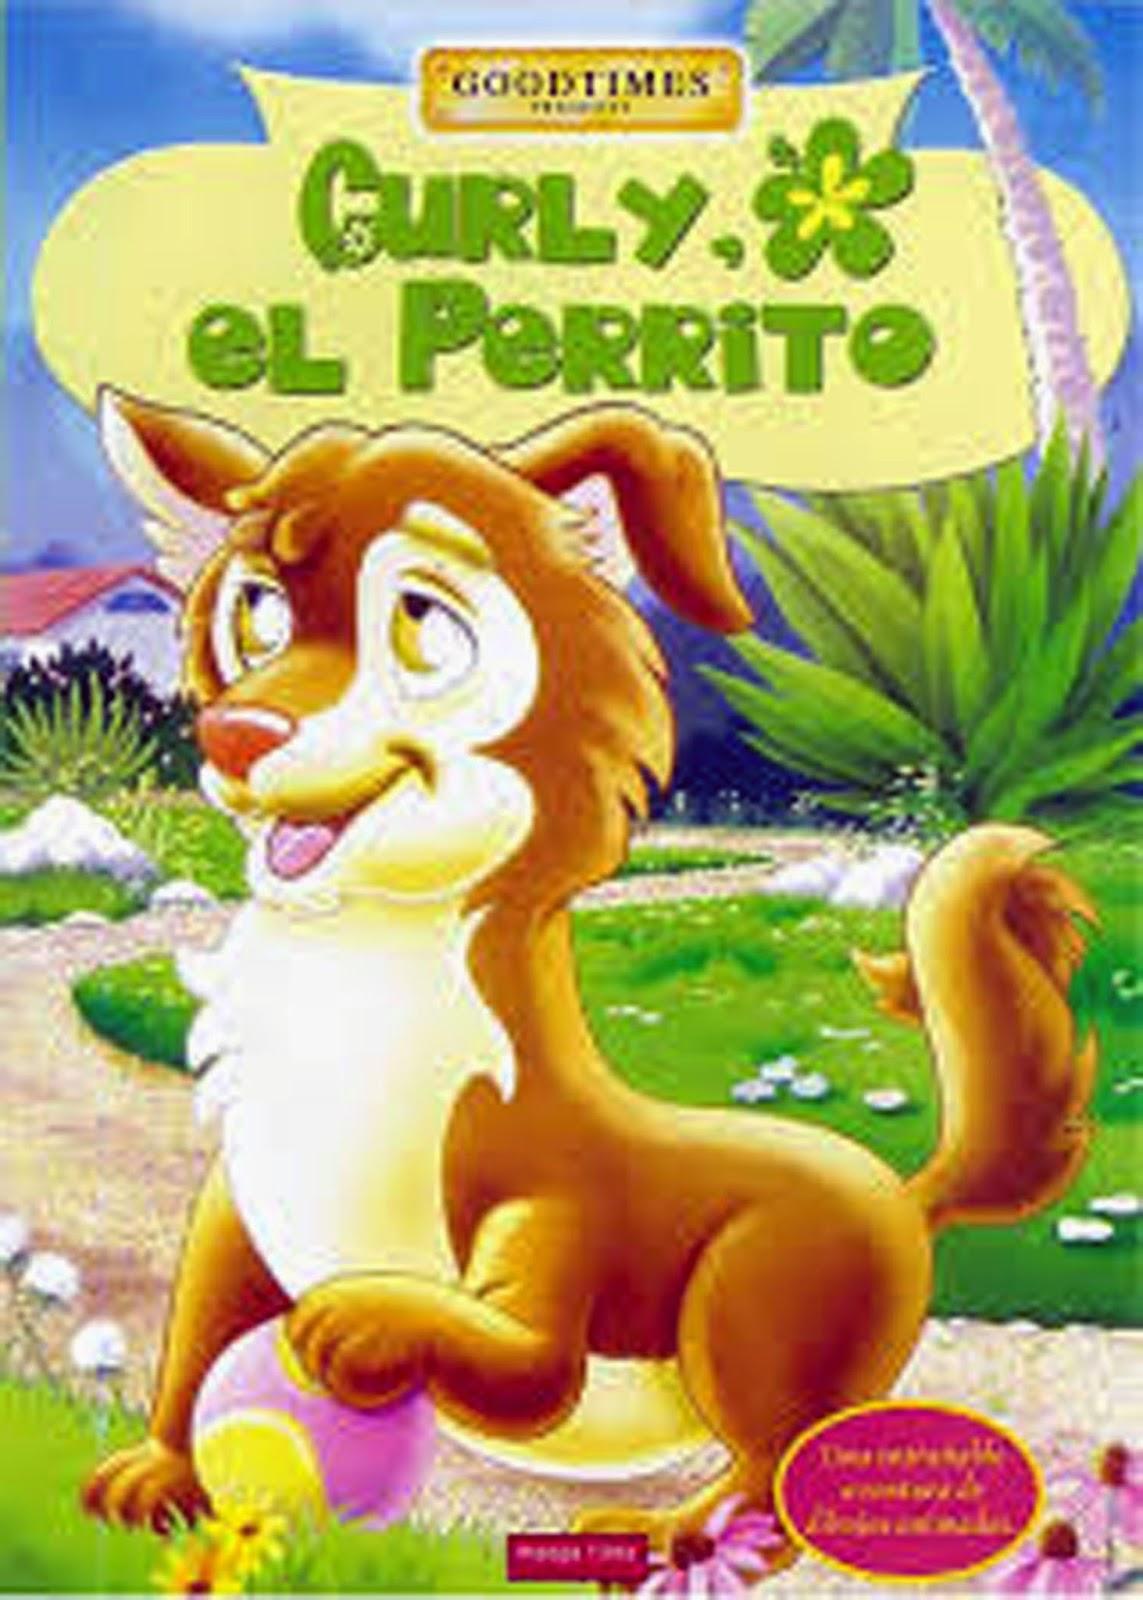 Curly, el perrito (1995)